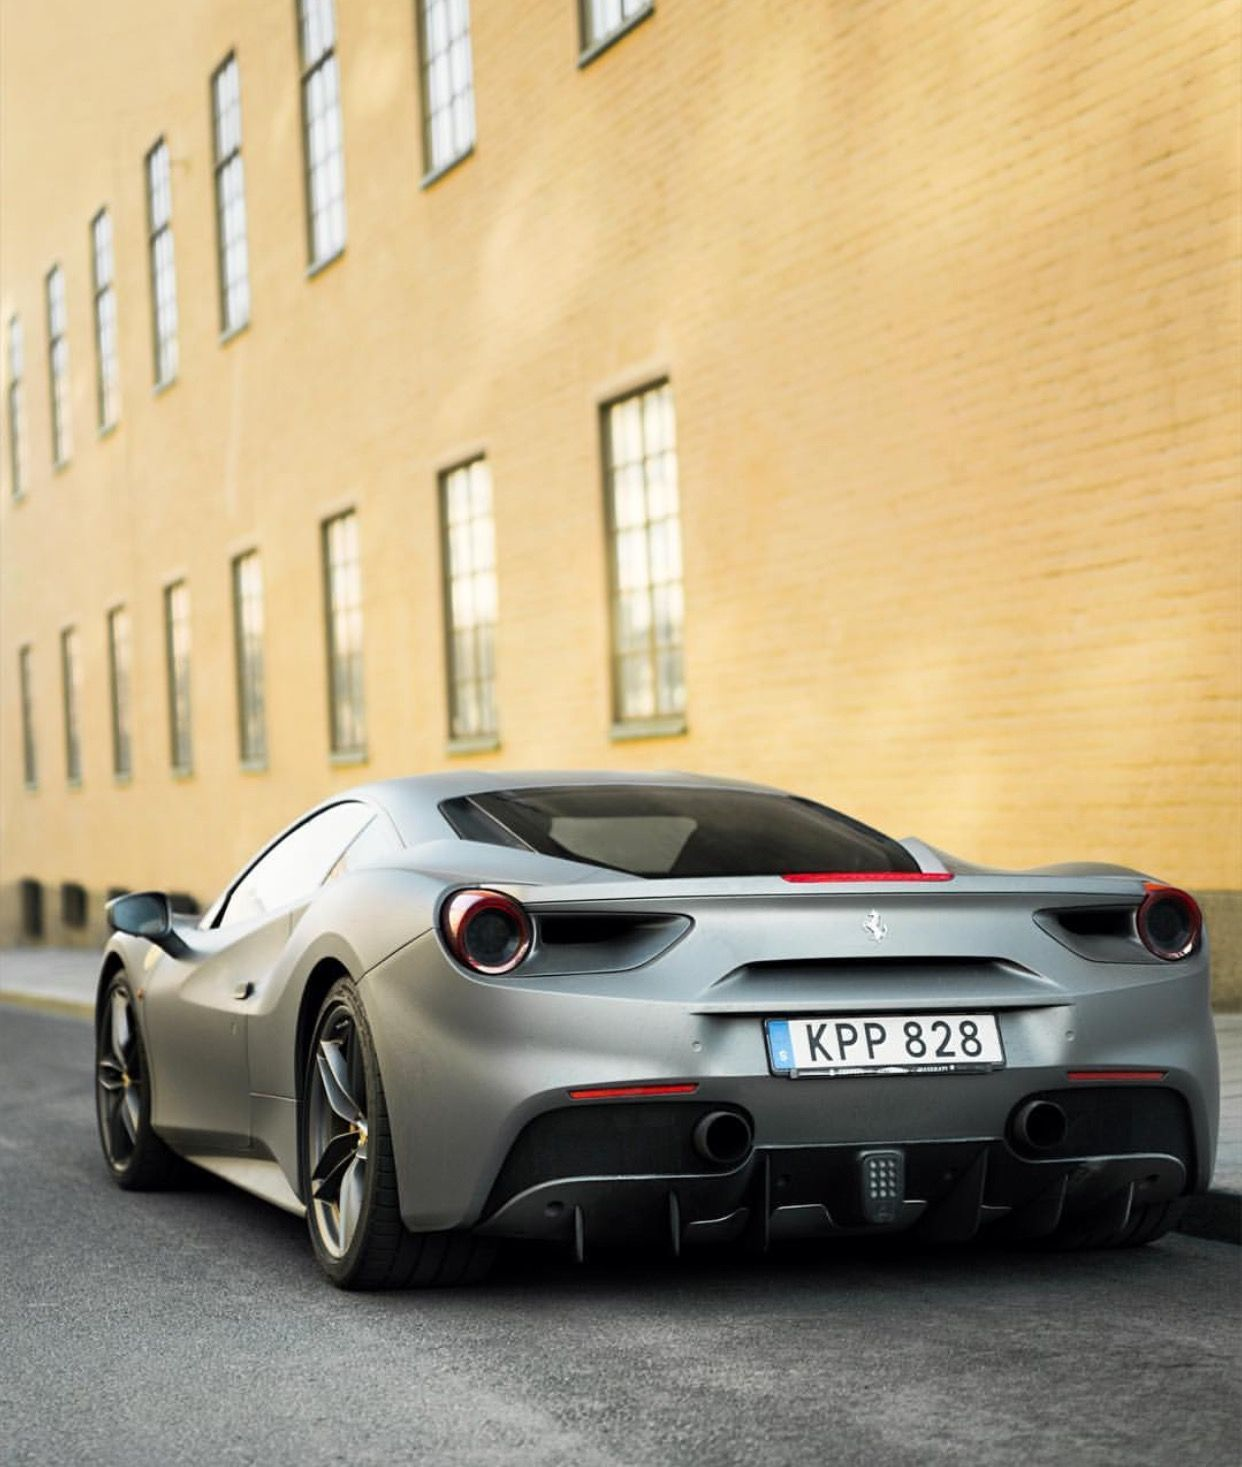 Ferrari 488 GTB painted in Matte Silver Photo taken by: @aaltomotive on Instagra…